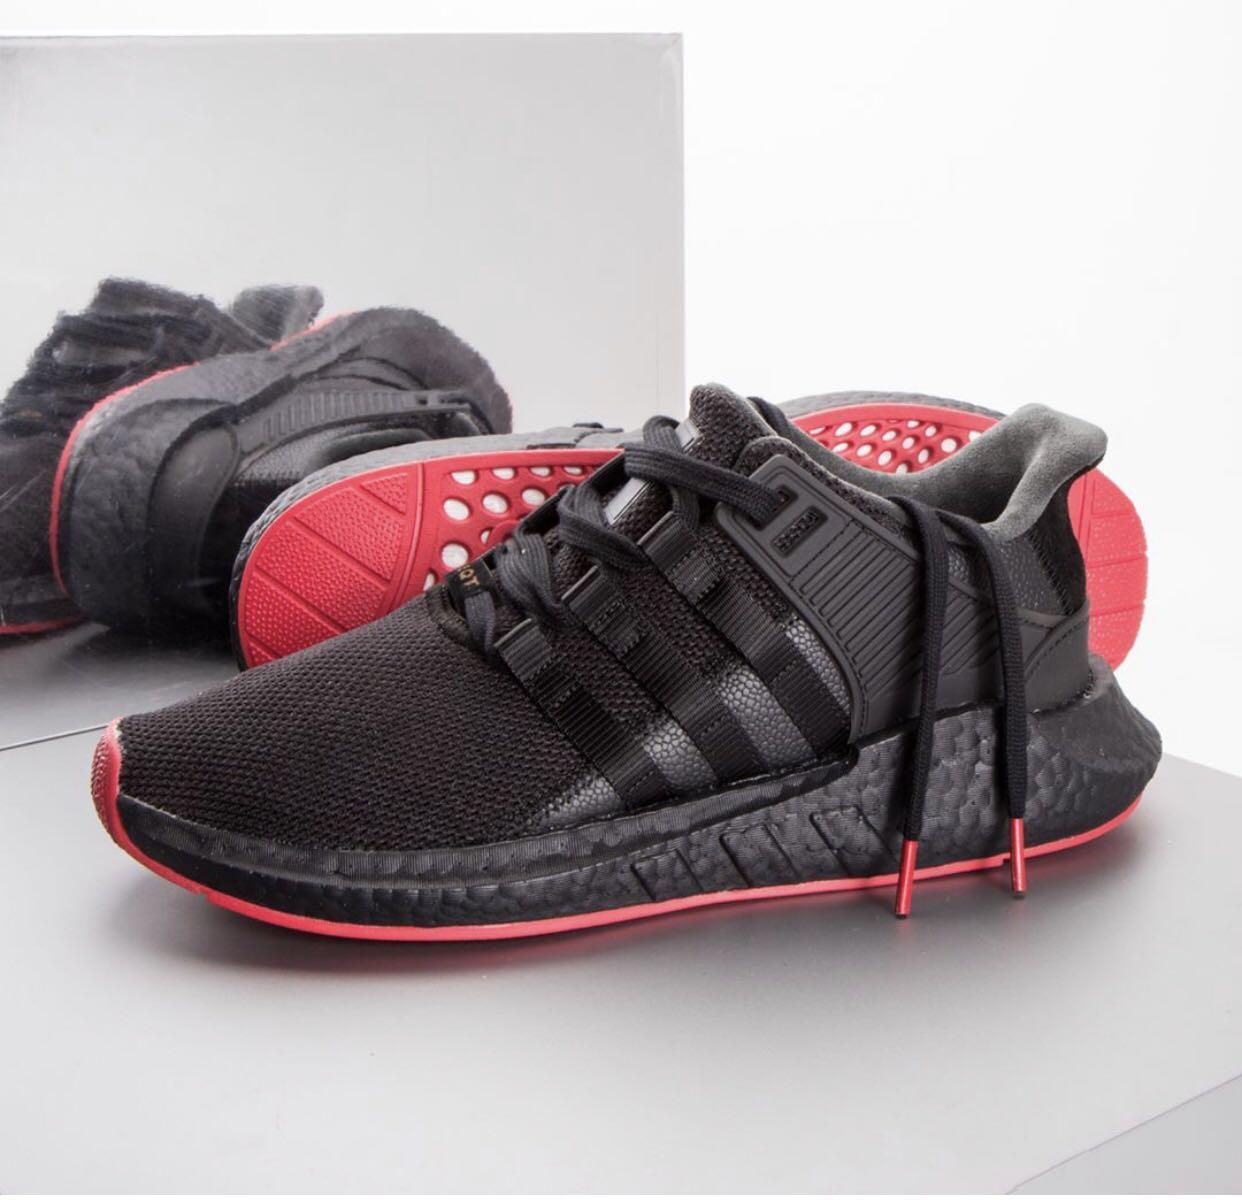 super popular 0187e 5e946 🔥SALE🔥 ADIDAS EQT 93/17 black red bred boost, Men's ...